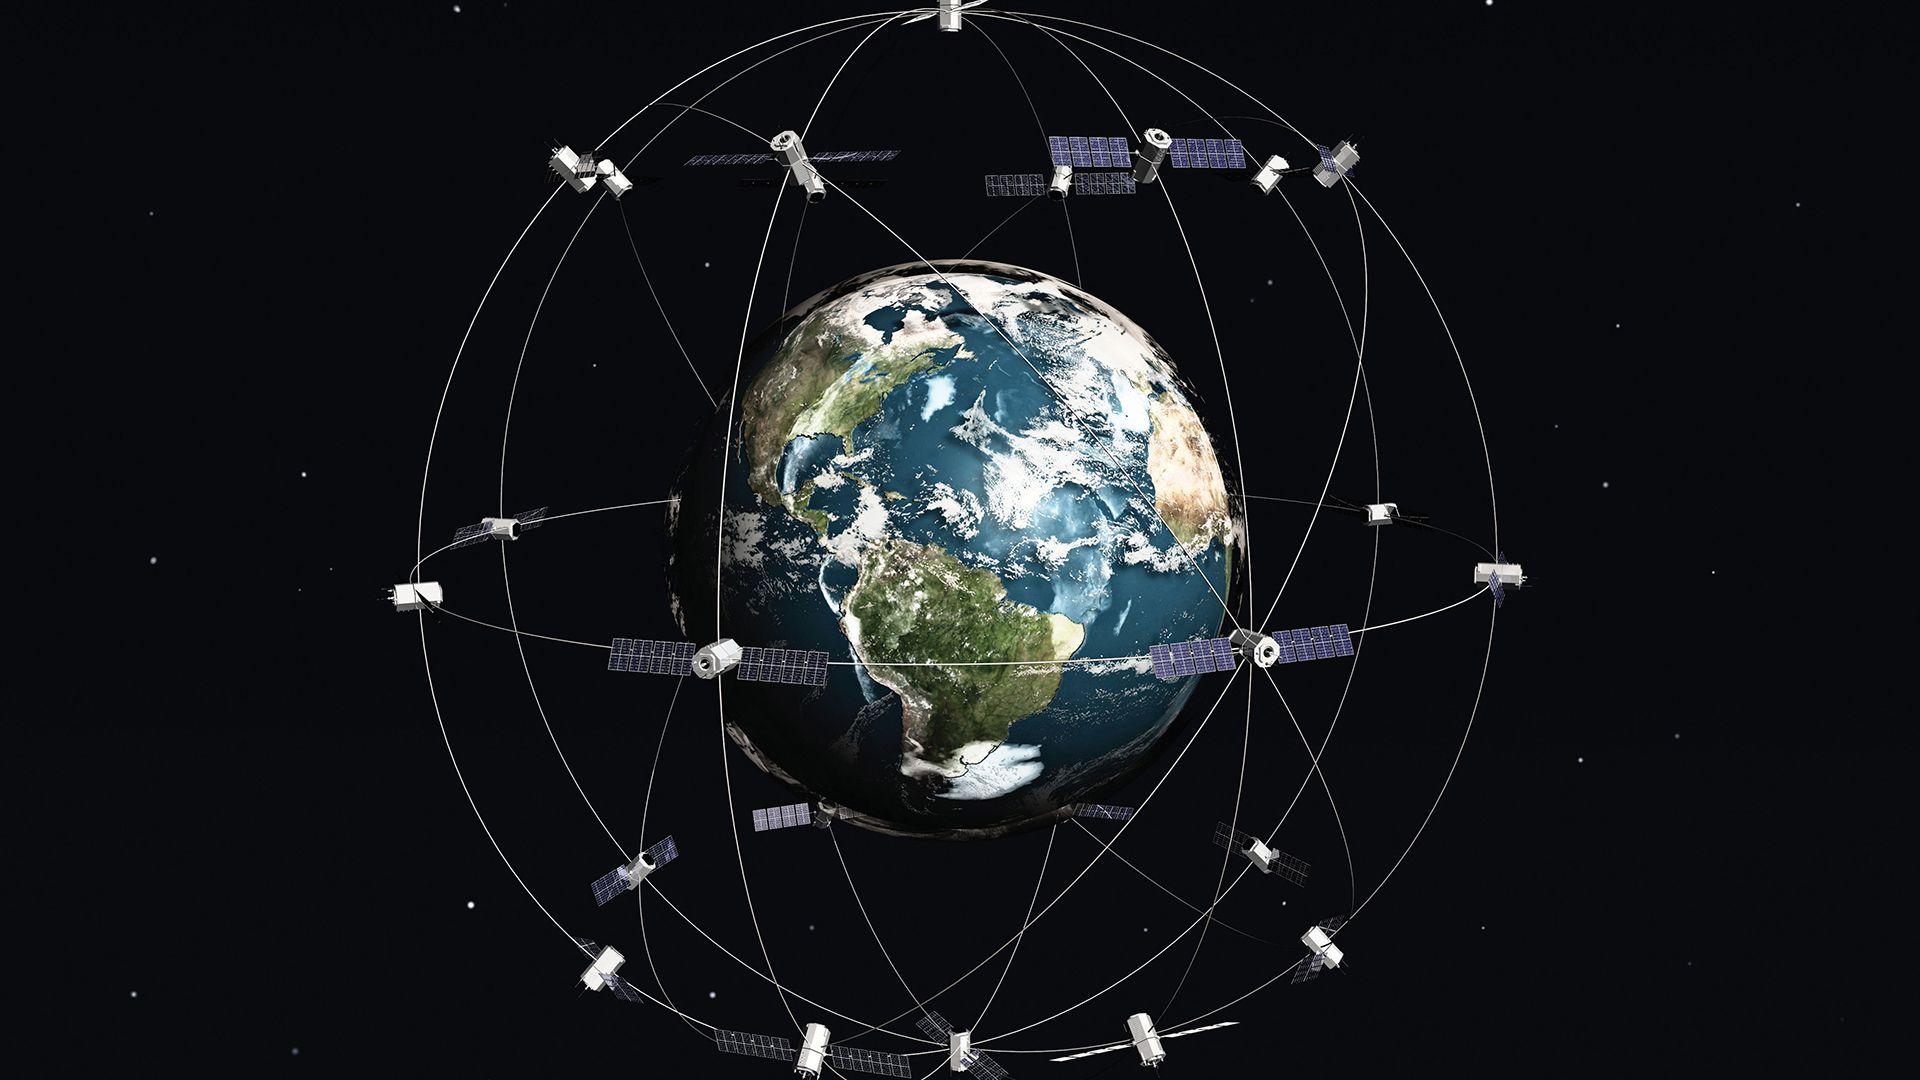 Estados Unidos aprobó el proyecto de Elon Musk para proveer banda ancha por medio de satélites